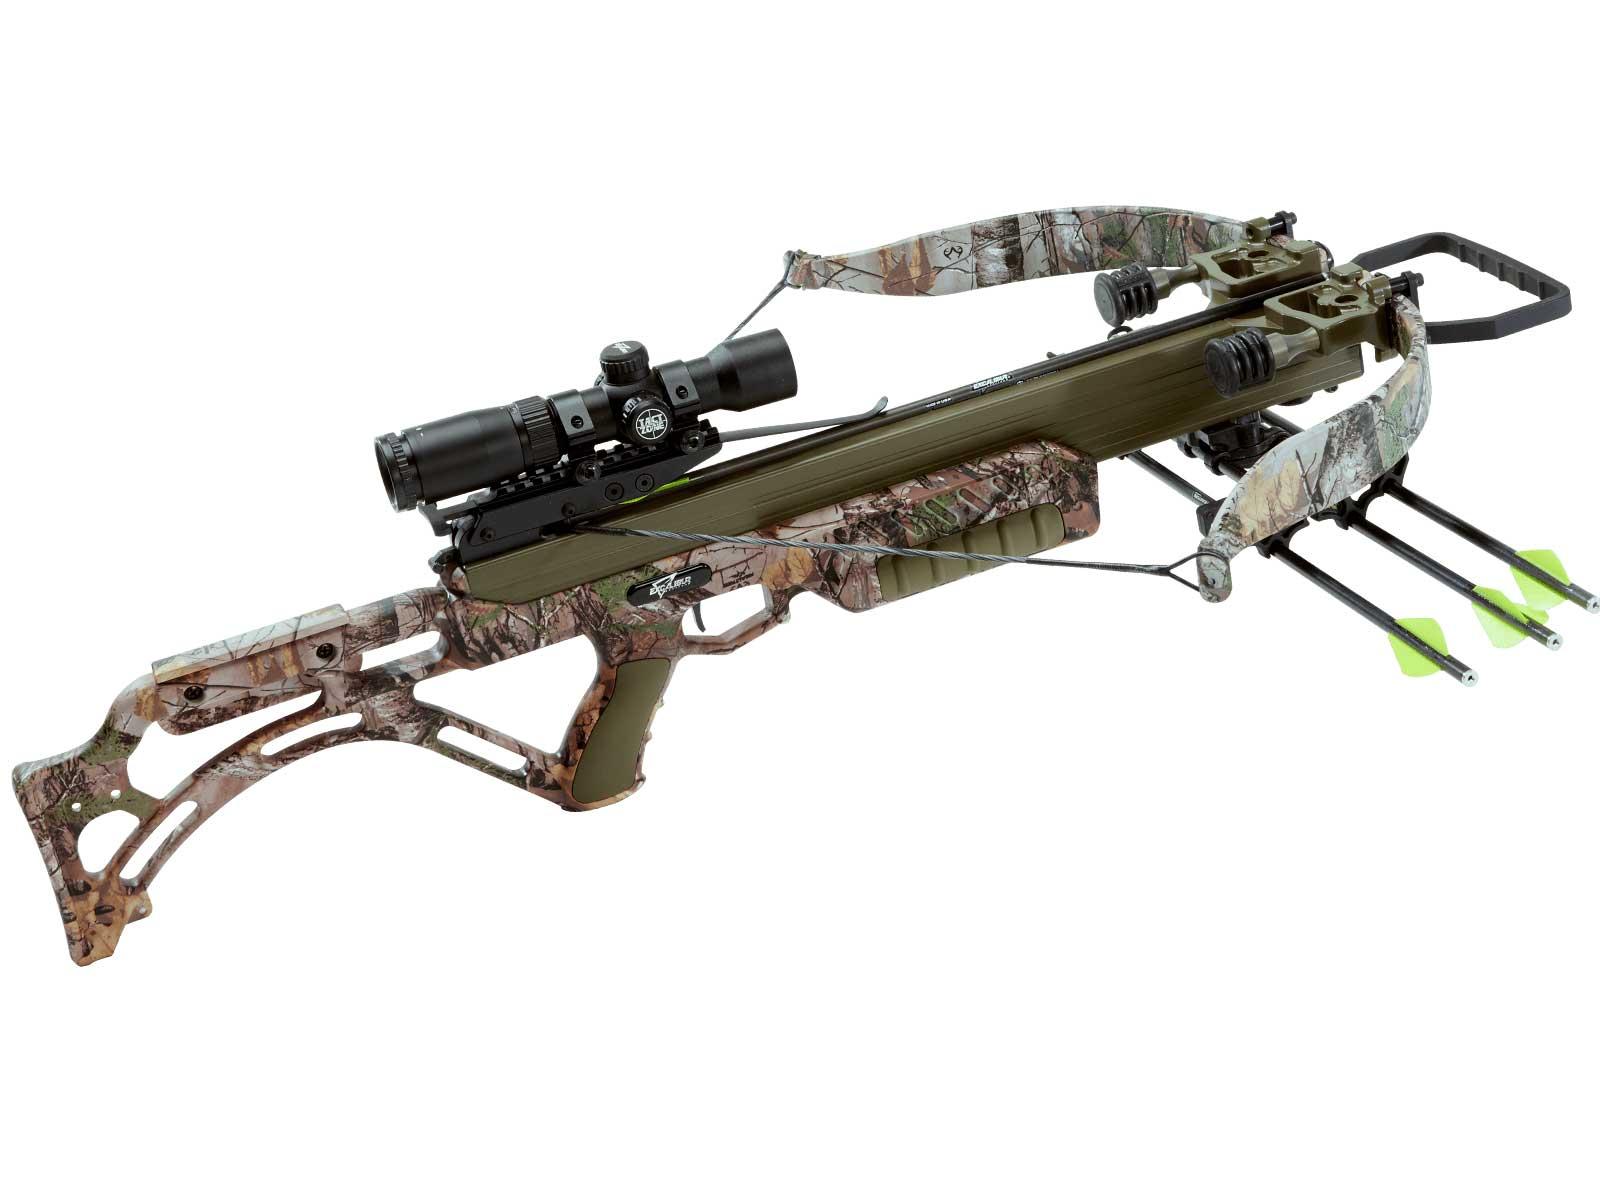 Купить арбалет Excalibur Matrix Bulldog 380, арт. E95859 для охоты в Москве